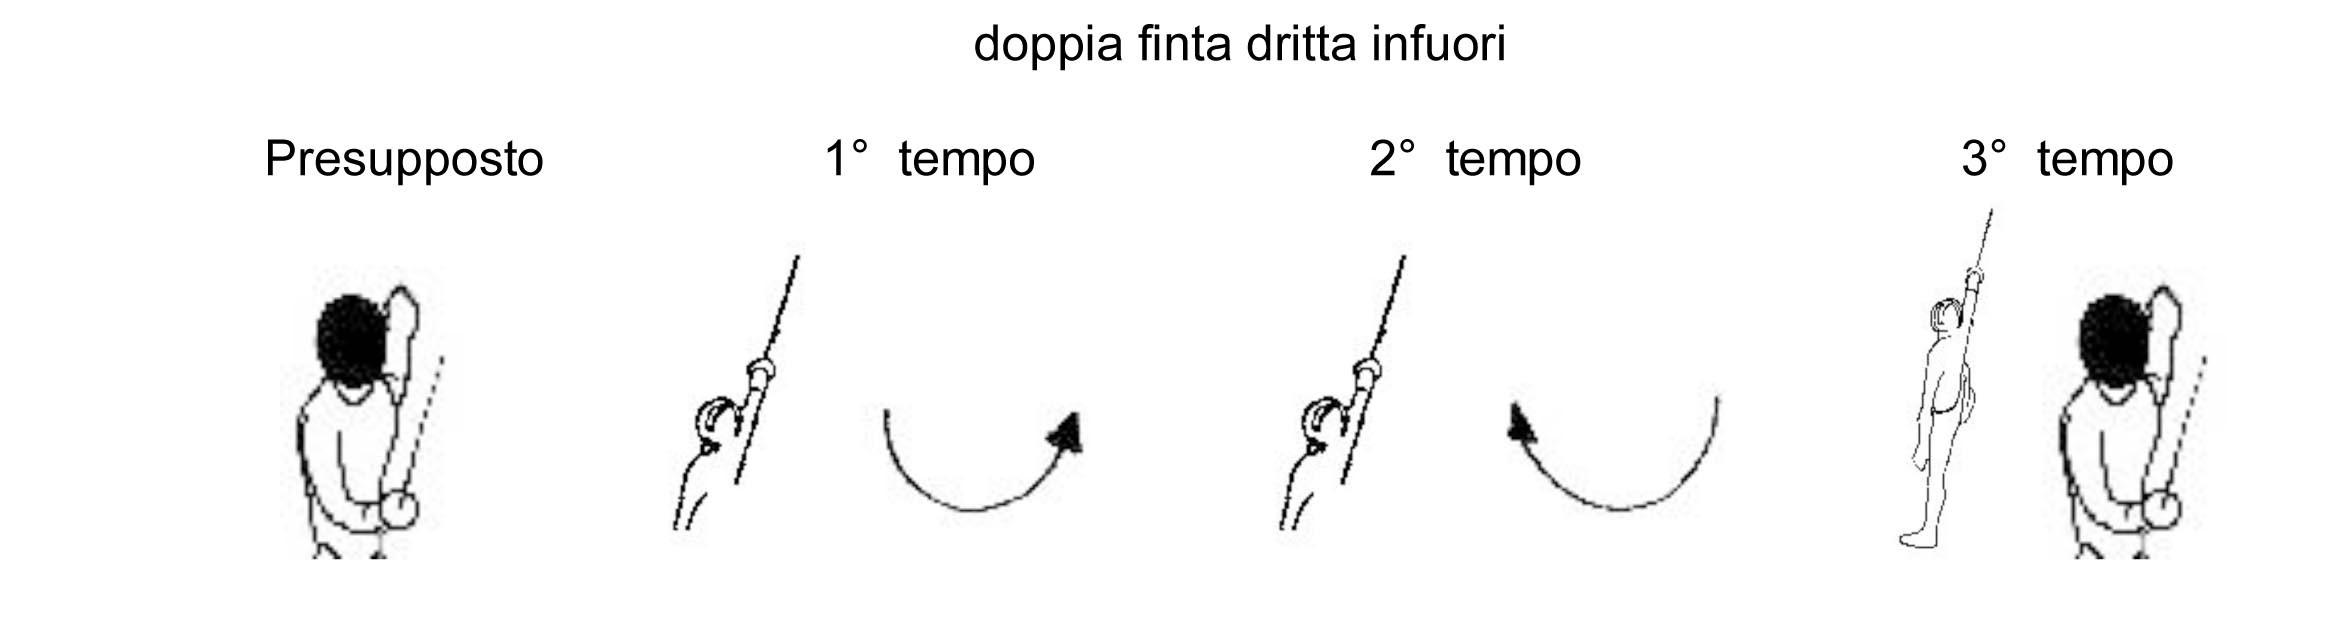 doppia-finta-dritta-infuori